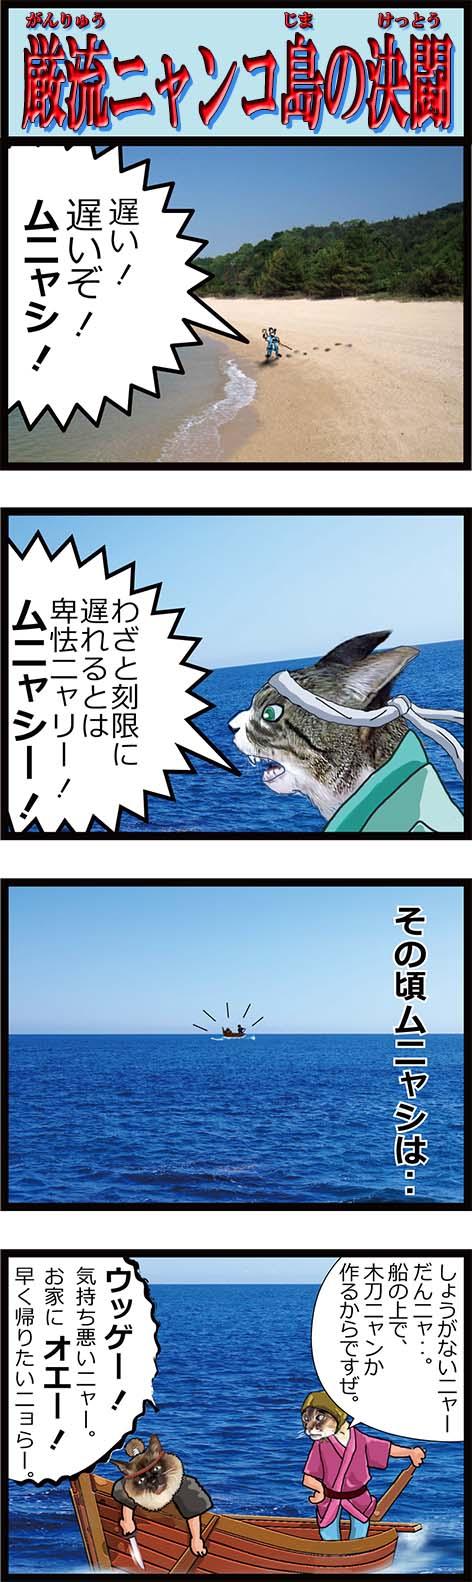 巌流ニャンコ島の決闘.jpg